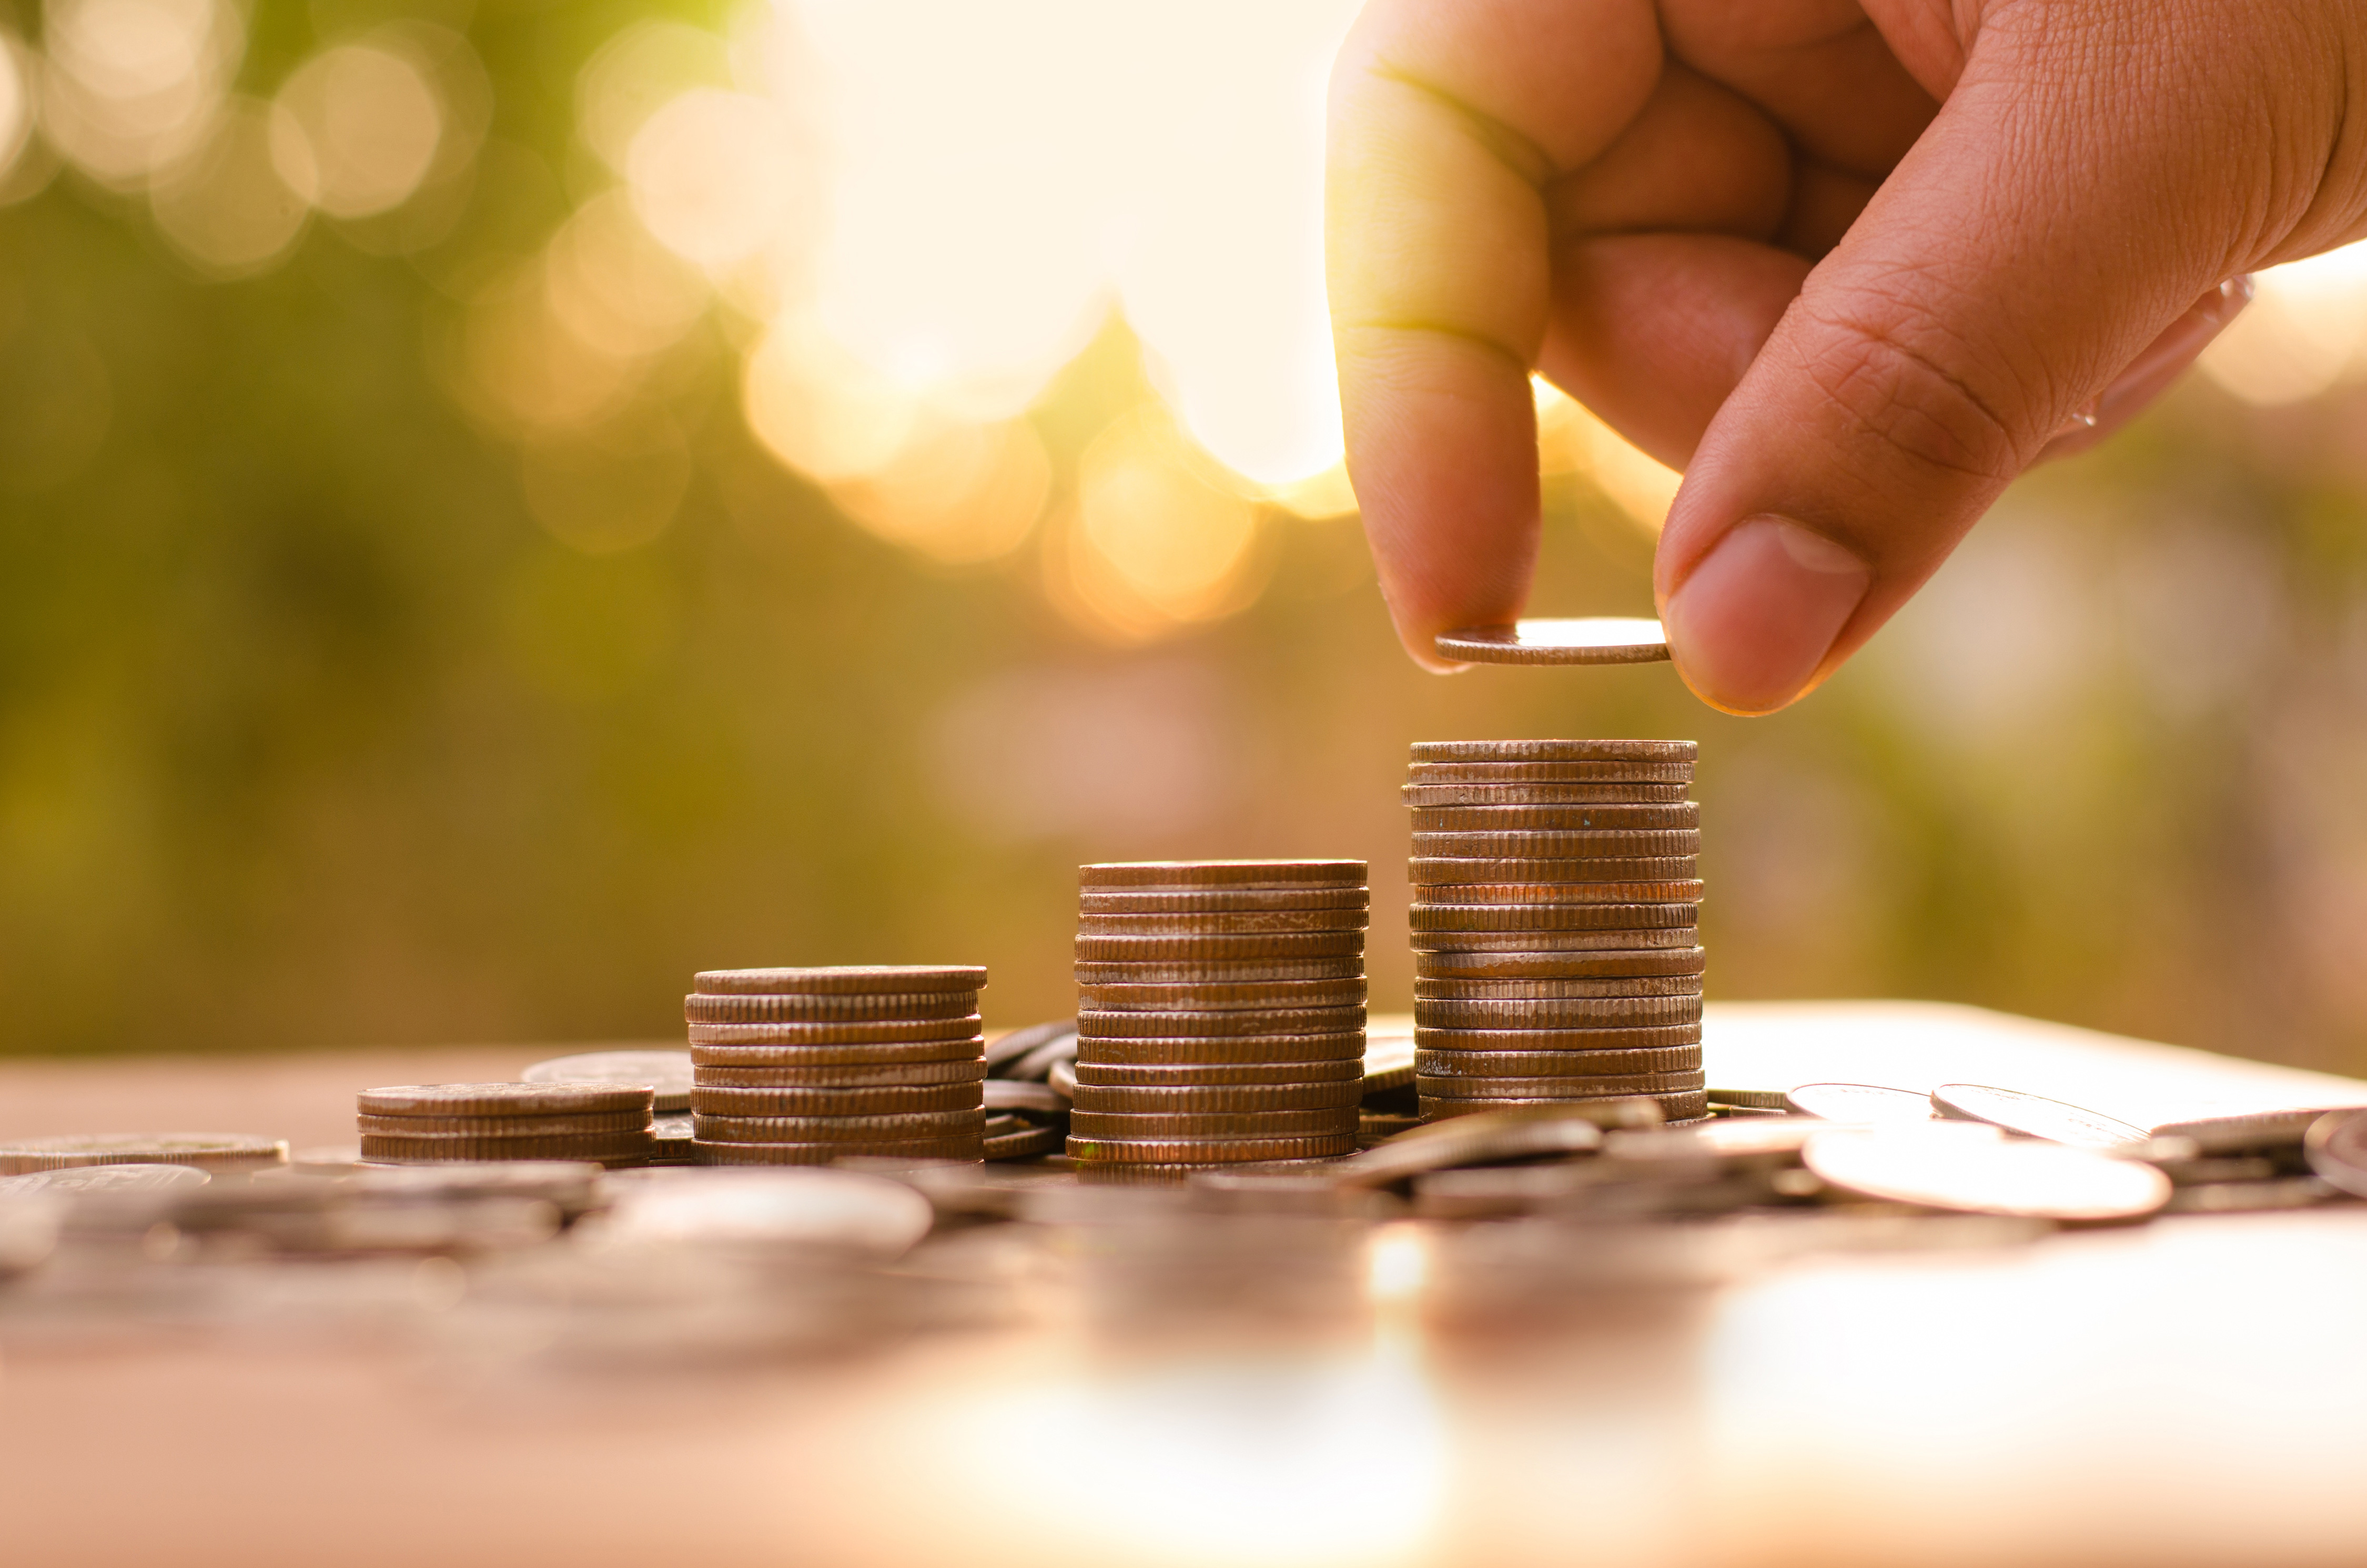 Hand stapelt Münzen auf Tisch im Garten